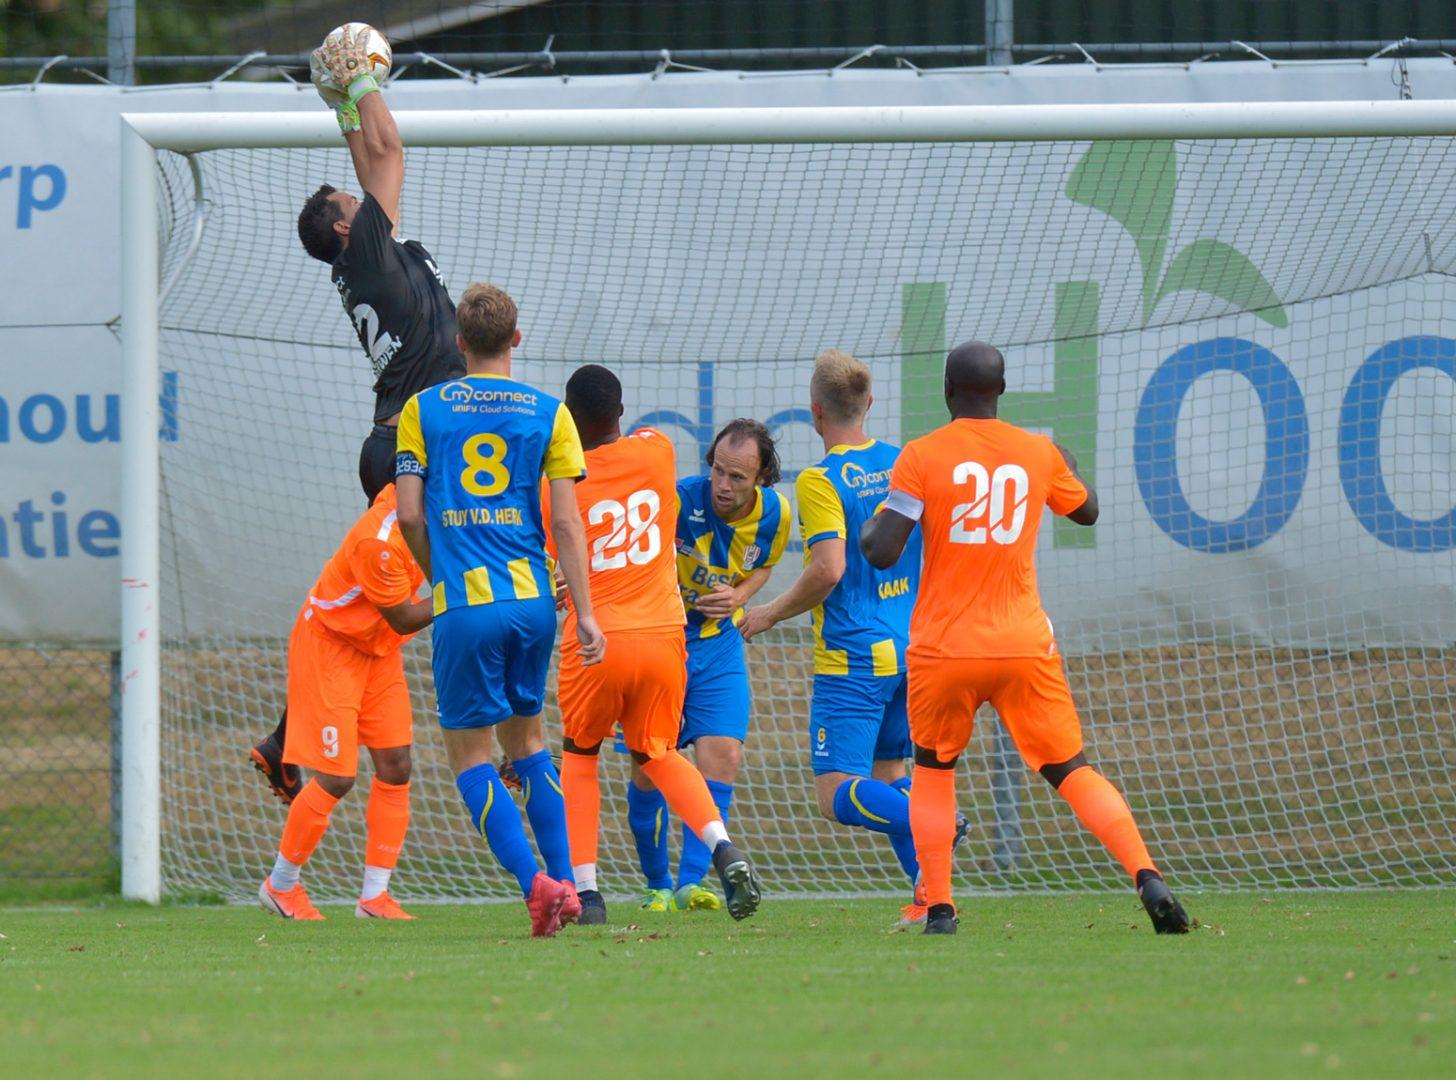 Drie spelers vertrekken bij TOP Oss; Ioannidis is nieuw